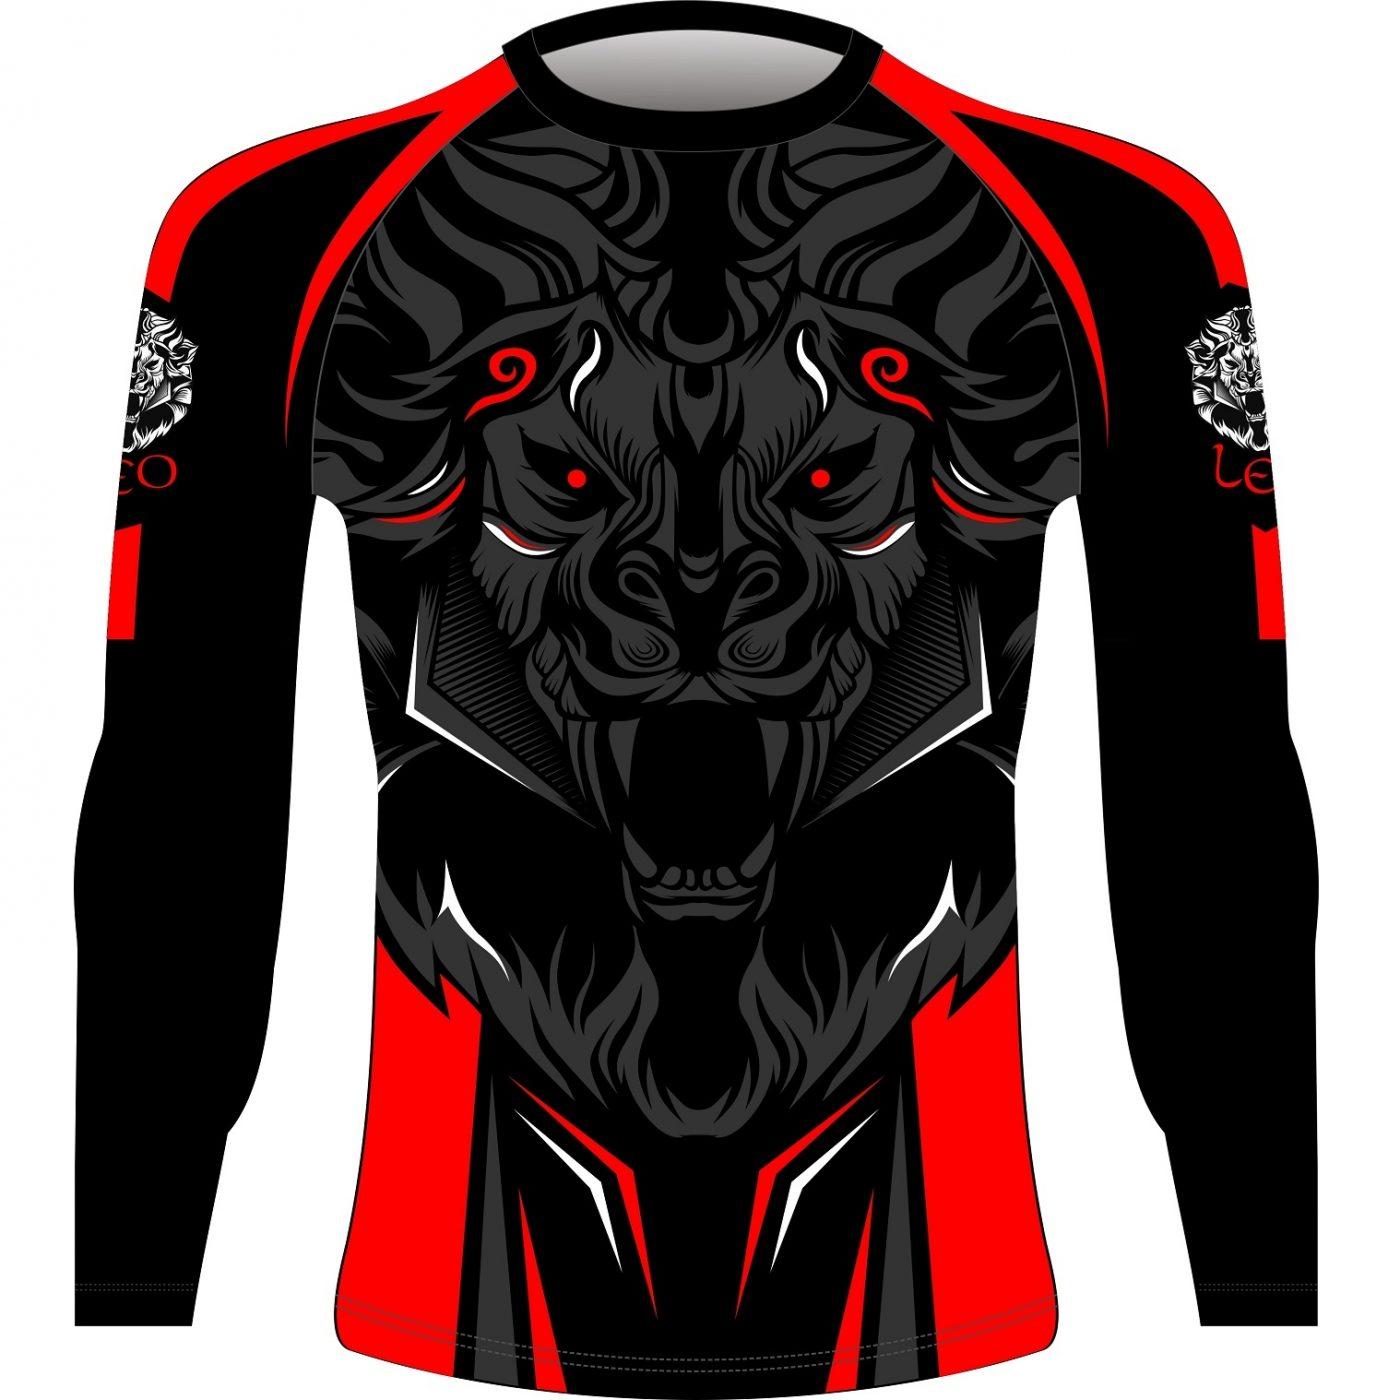 Leo ROAR Rashguard LS - Black/Red